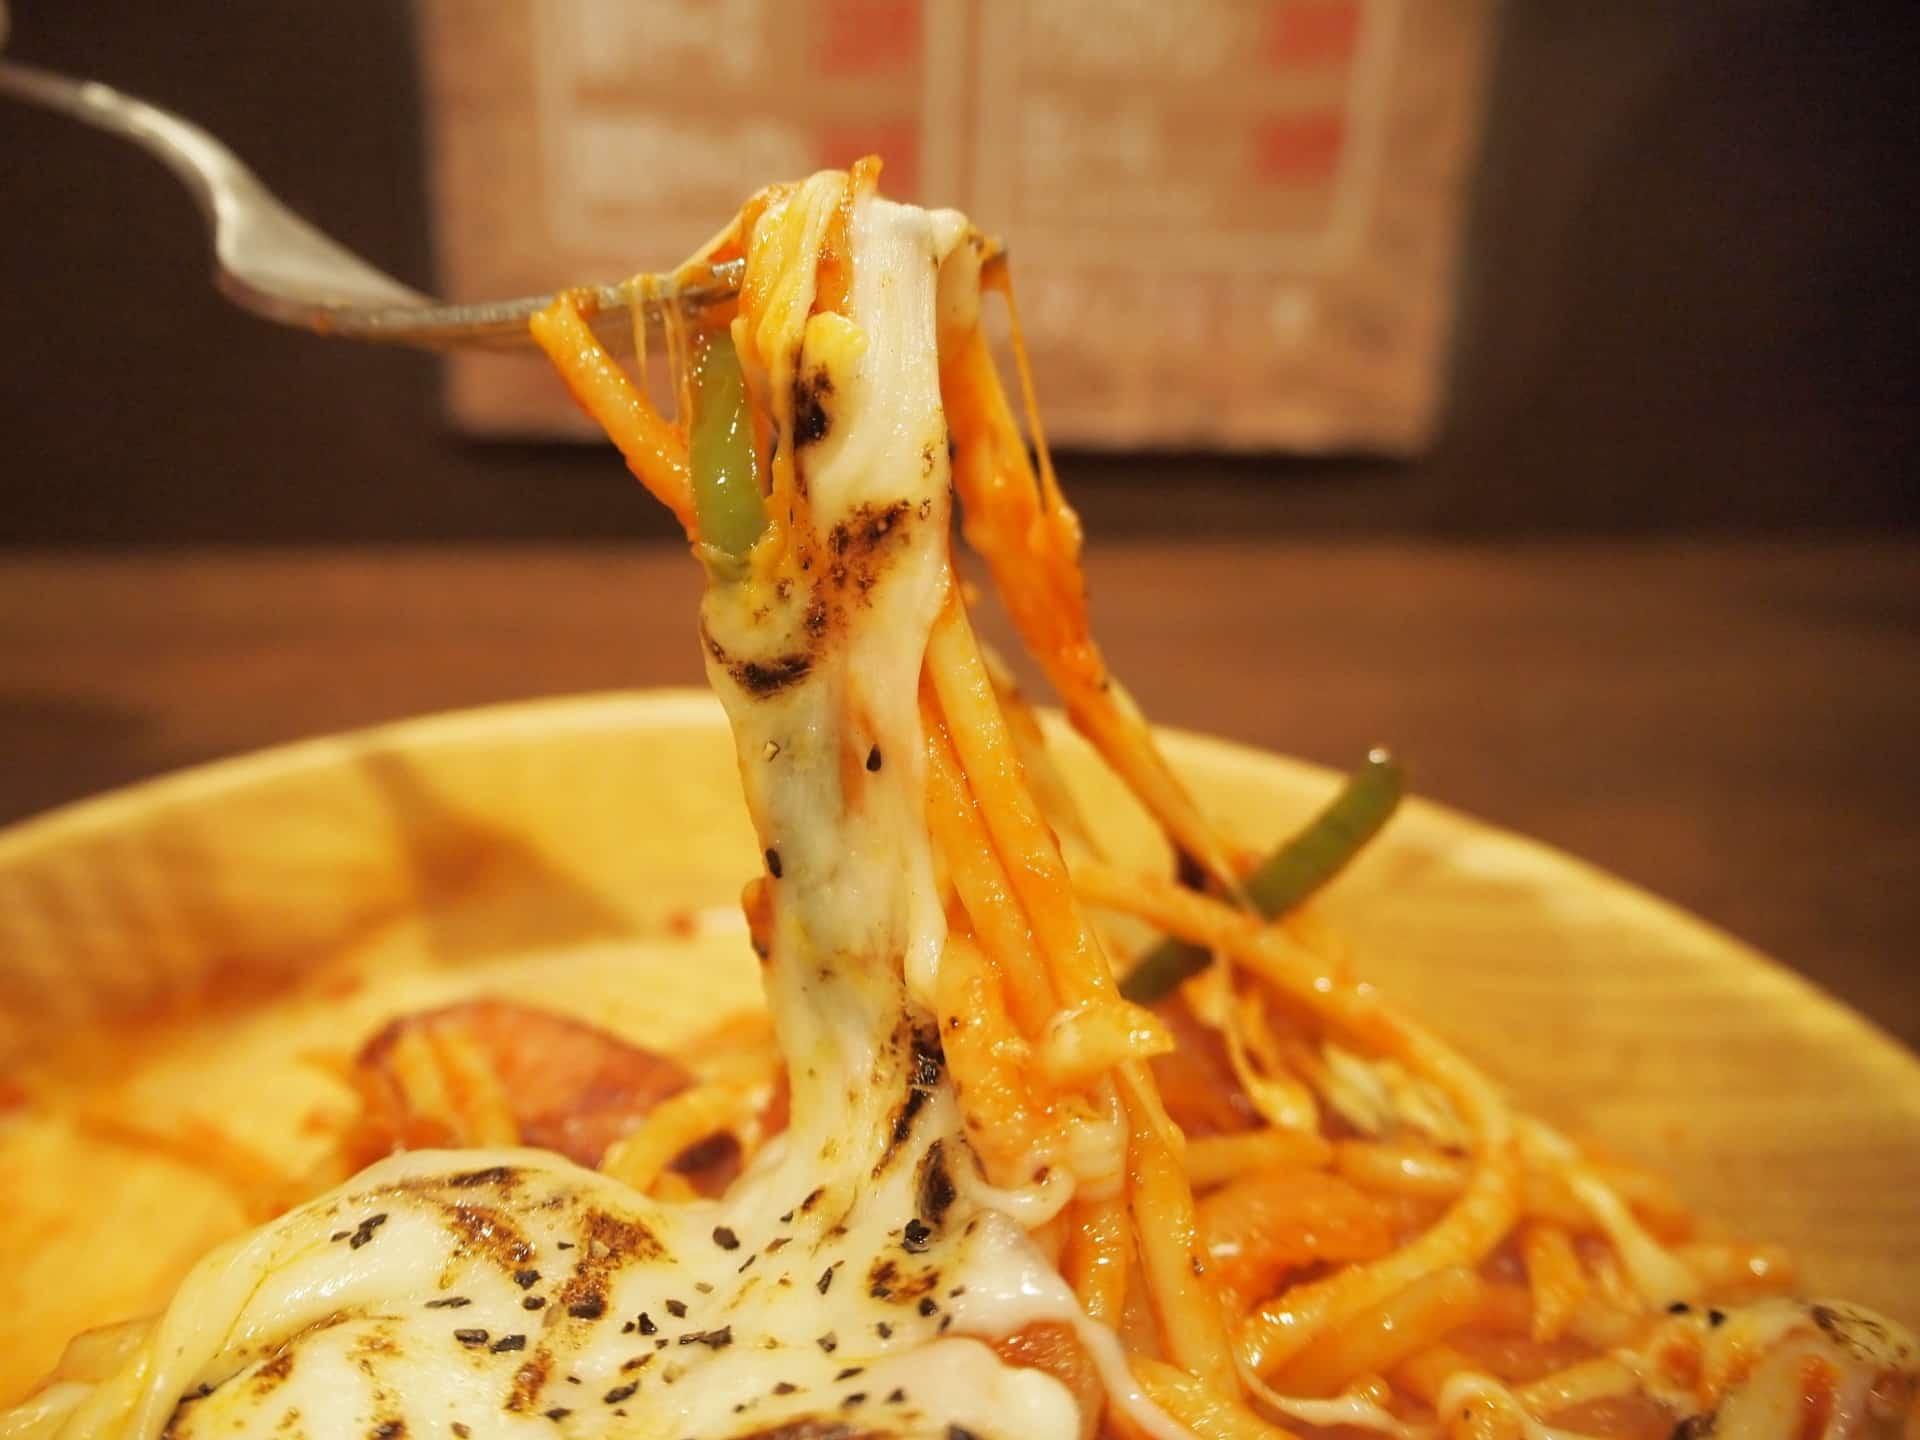 ちゃっぷまん − 「焼きチーズナポリタン」が美味!大盛り無料の神戸のパスタ専門店